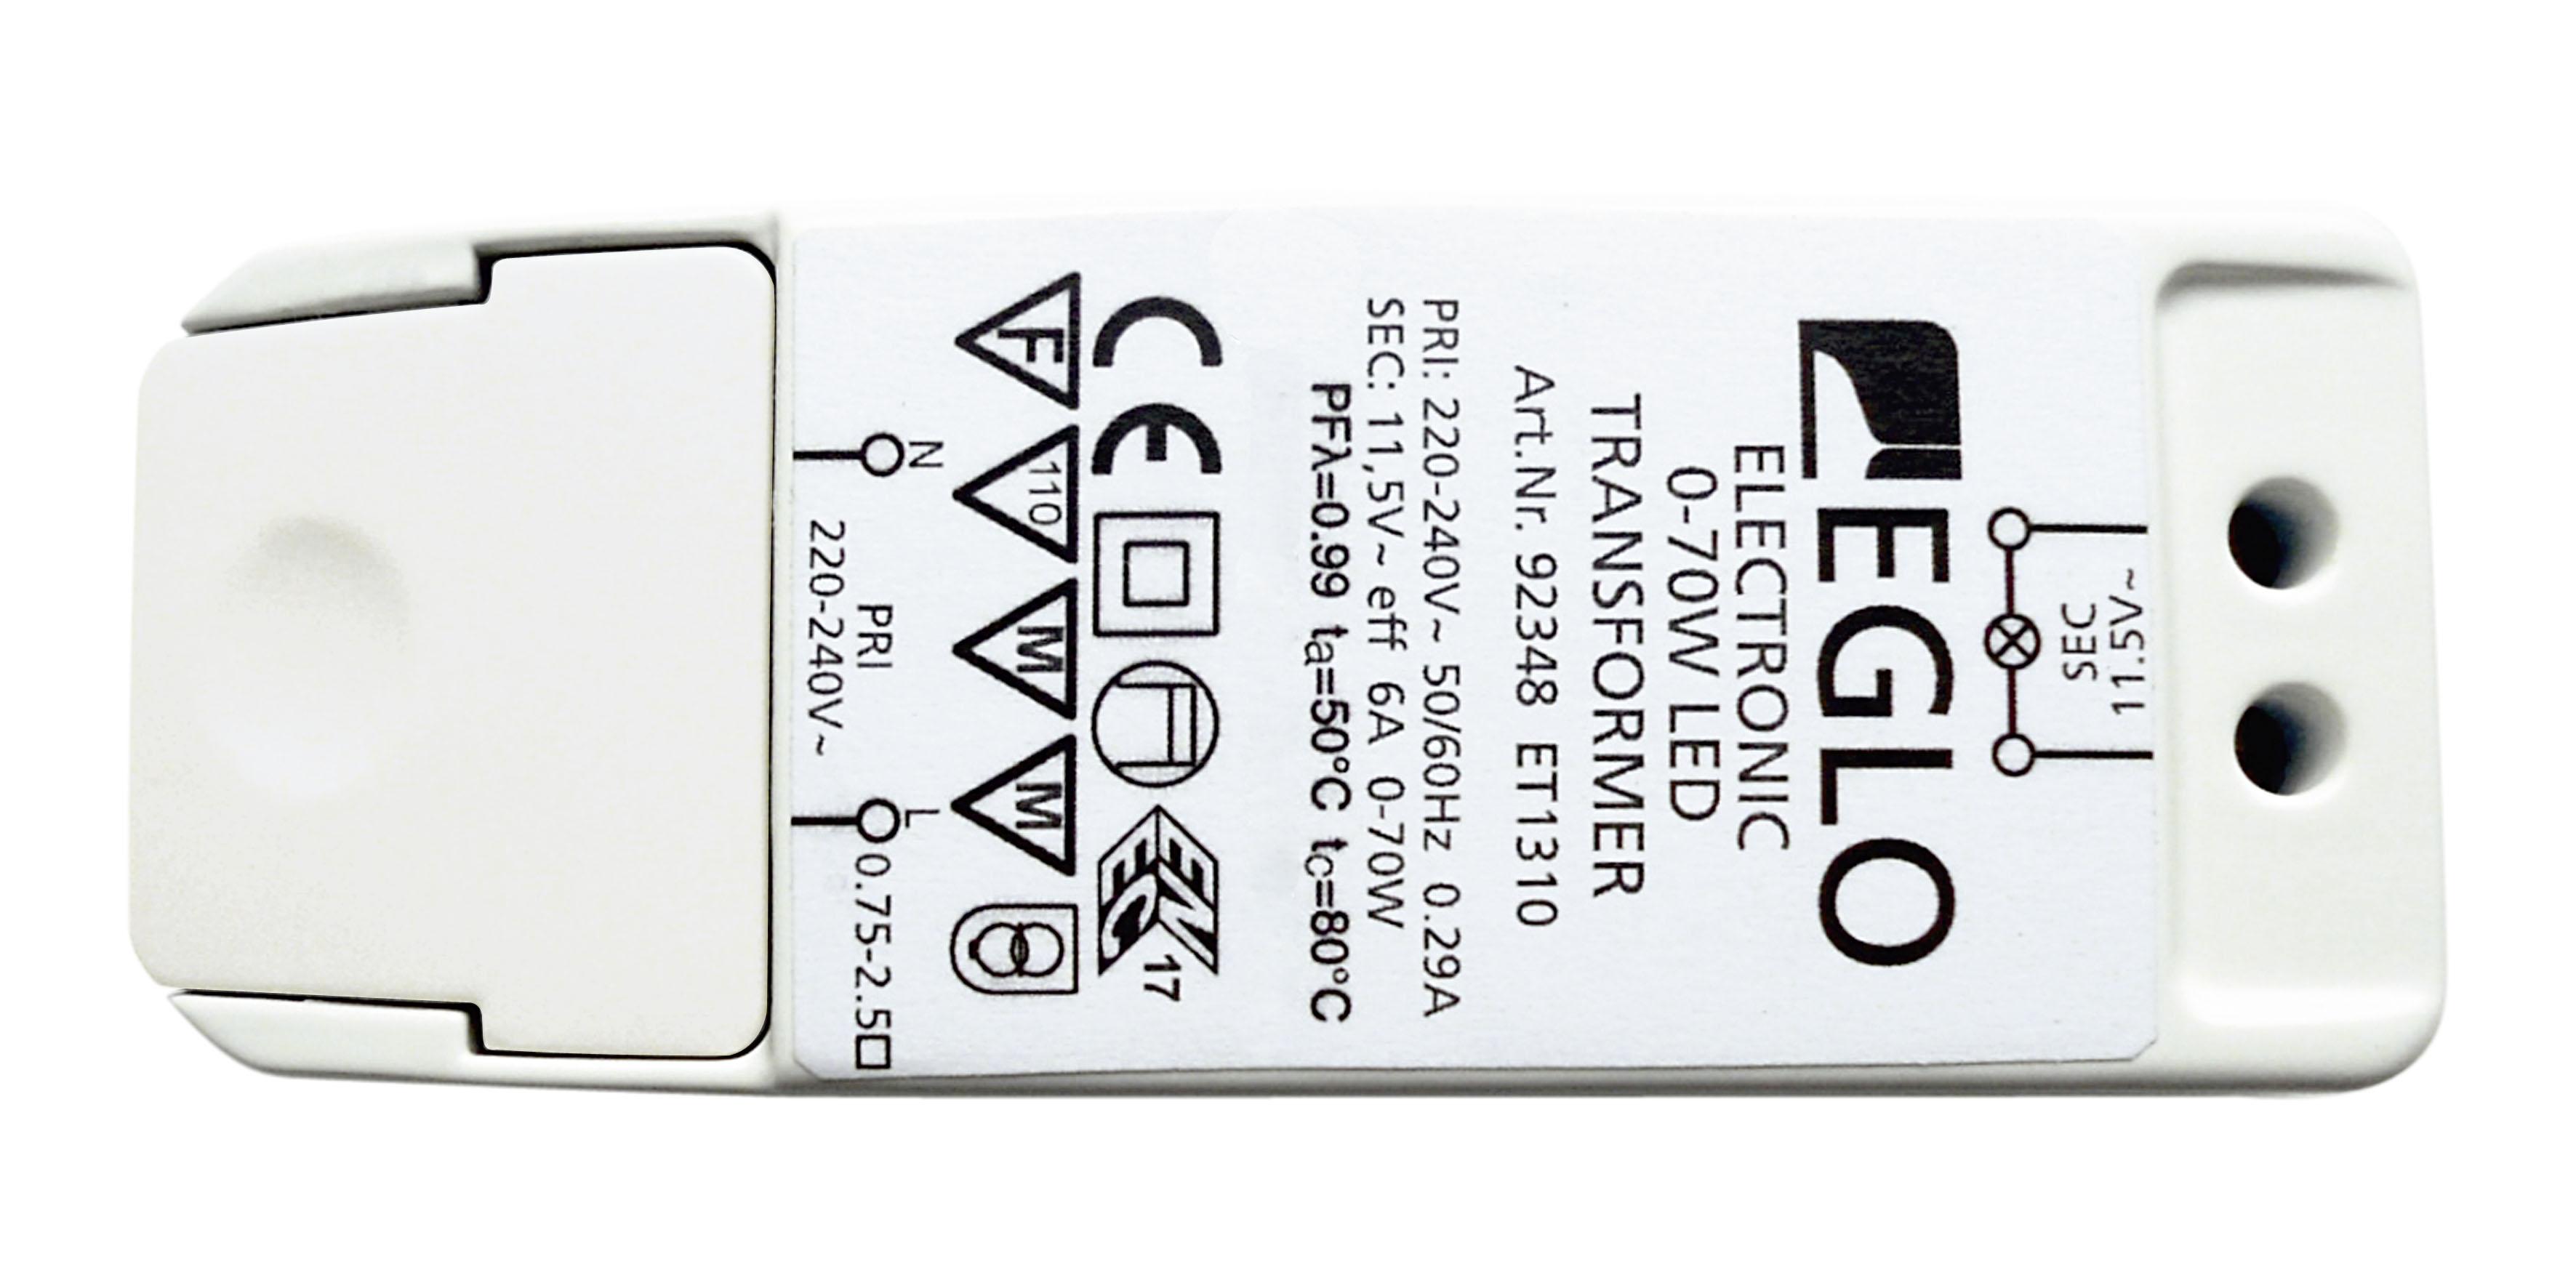 Toiteplokk 11,5V AC 0-70W halogeenlampidele, 0-40W LED lampidele 113x44x28mm